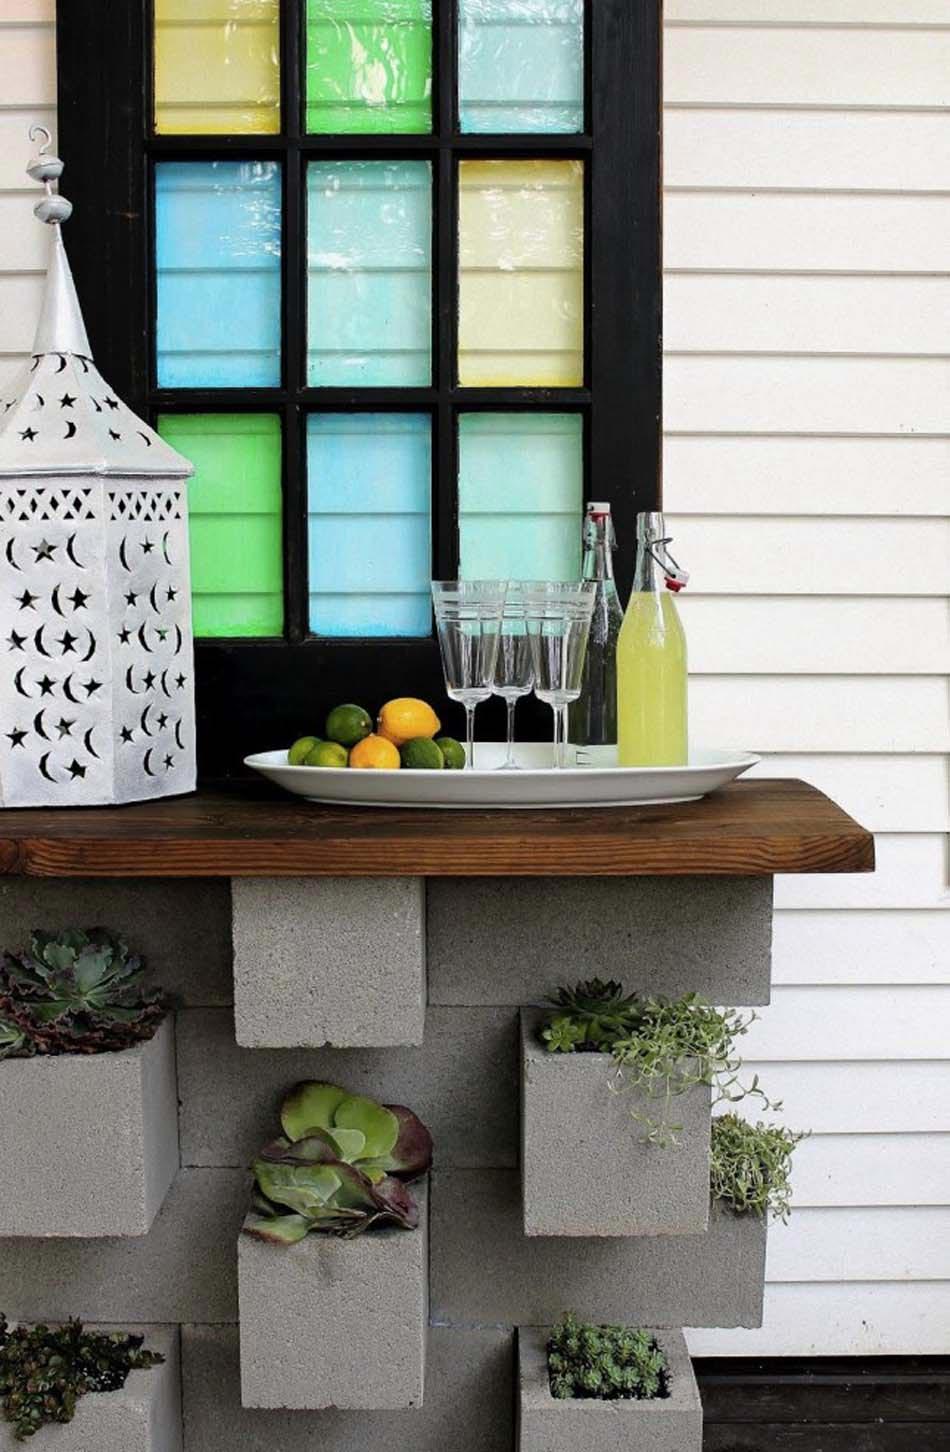 Style Brut Aménagement Jardin Parpaings Déco. Un Bar Outdoor Dont Le Socle  Joue Le Rôle De Pots De Fleurs U0026 De Jardin Vertical